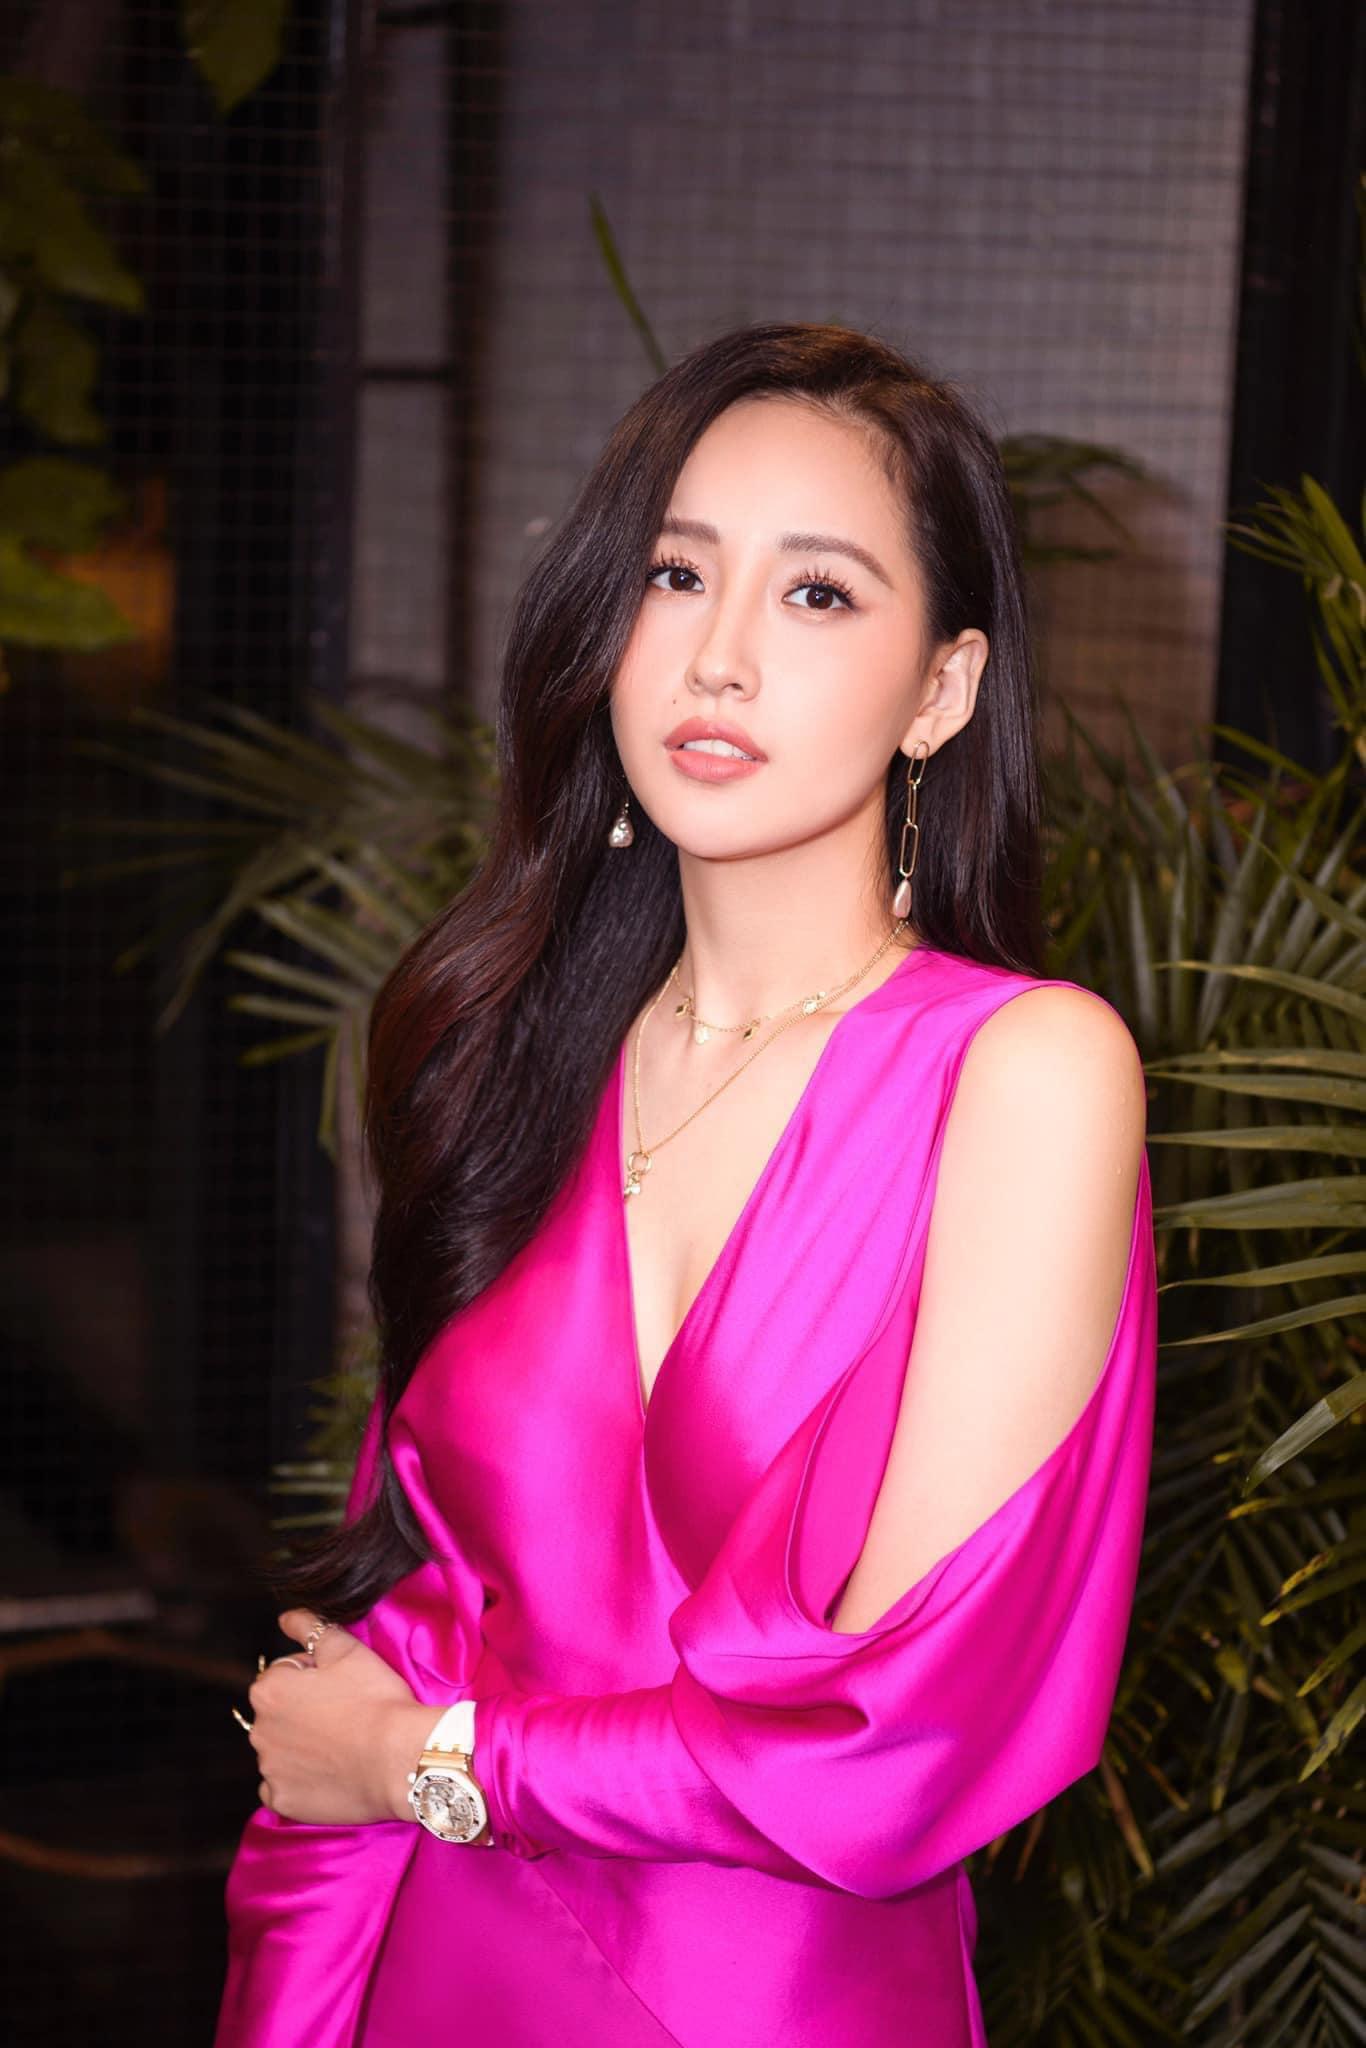 """Mai Phương Thúy từng bị chê """"mặc xấu"""" lột xác để trở thành """"Hoa hậu Việt sexy nhất"""" - 10"""